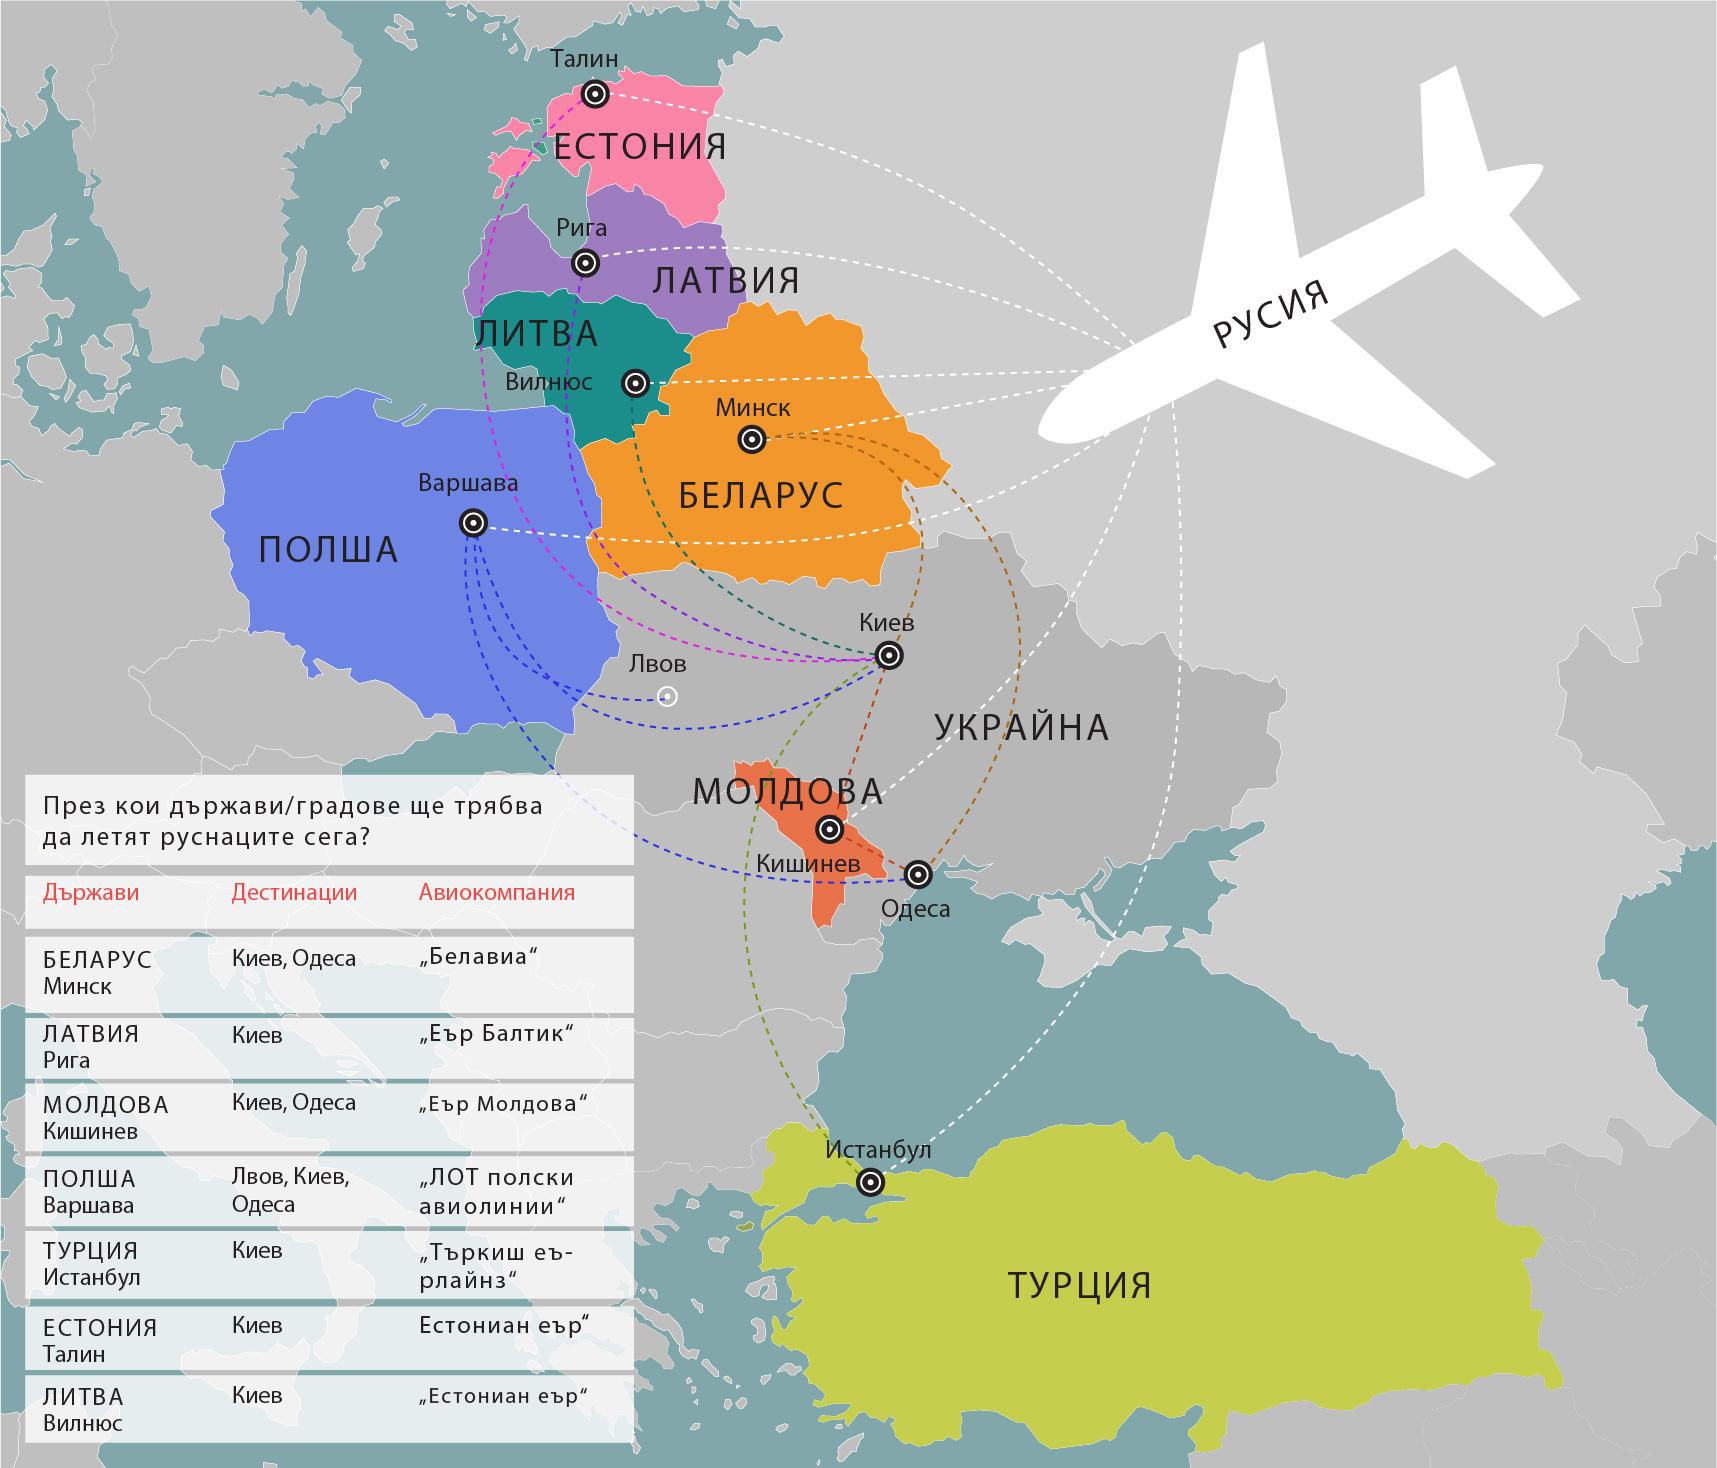 """Чуждестранни авиокомпании запълват празнината, оставена от руските и украински превозвачи след прекратяването на директните полети между двете държави на 25 октомври. Според играчи на пазара, с които разговаря """"Руски дневник"""", основните печеливши от тази ситуация са националните авиолинии на Беларус (""""Белавиа)"""", Латвия (""""Еър Балтик"""") и Молдова (""""Еър Молдова"""")."""